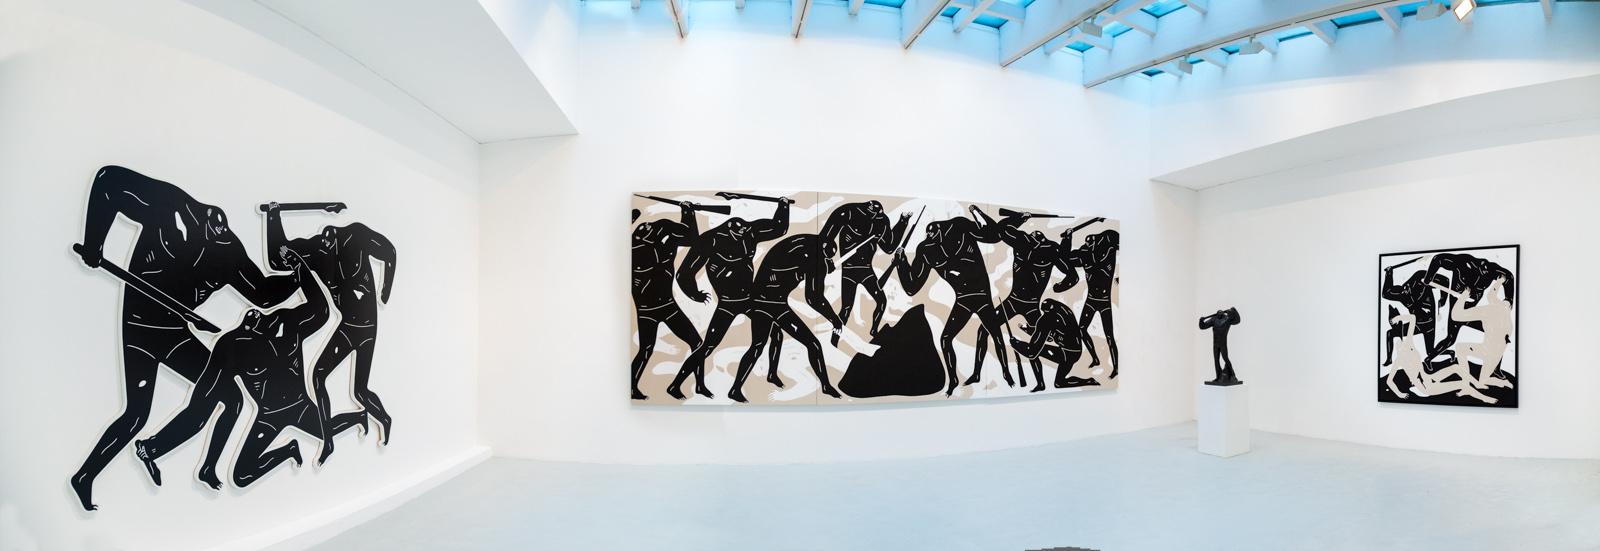 Cleon Peterson - Victory - galerie du jour agnès b.